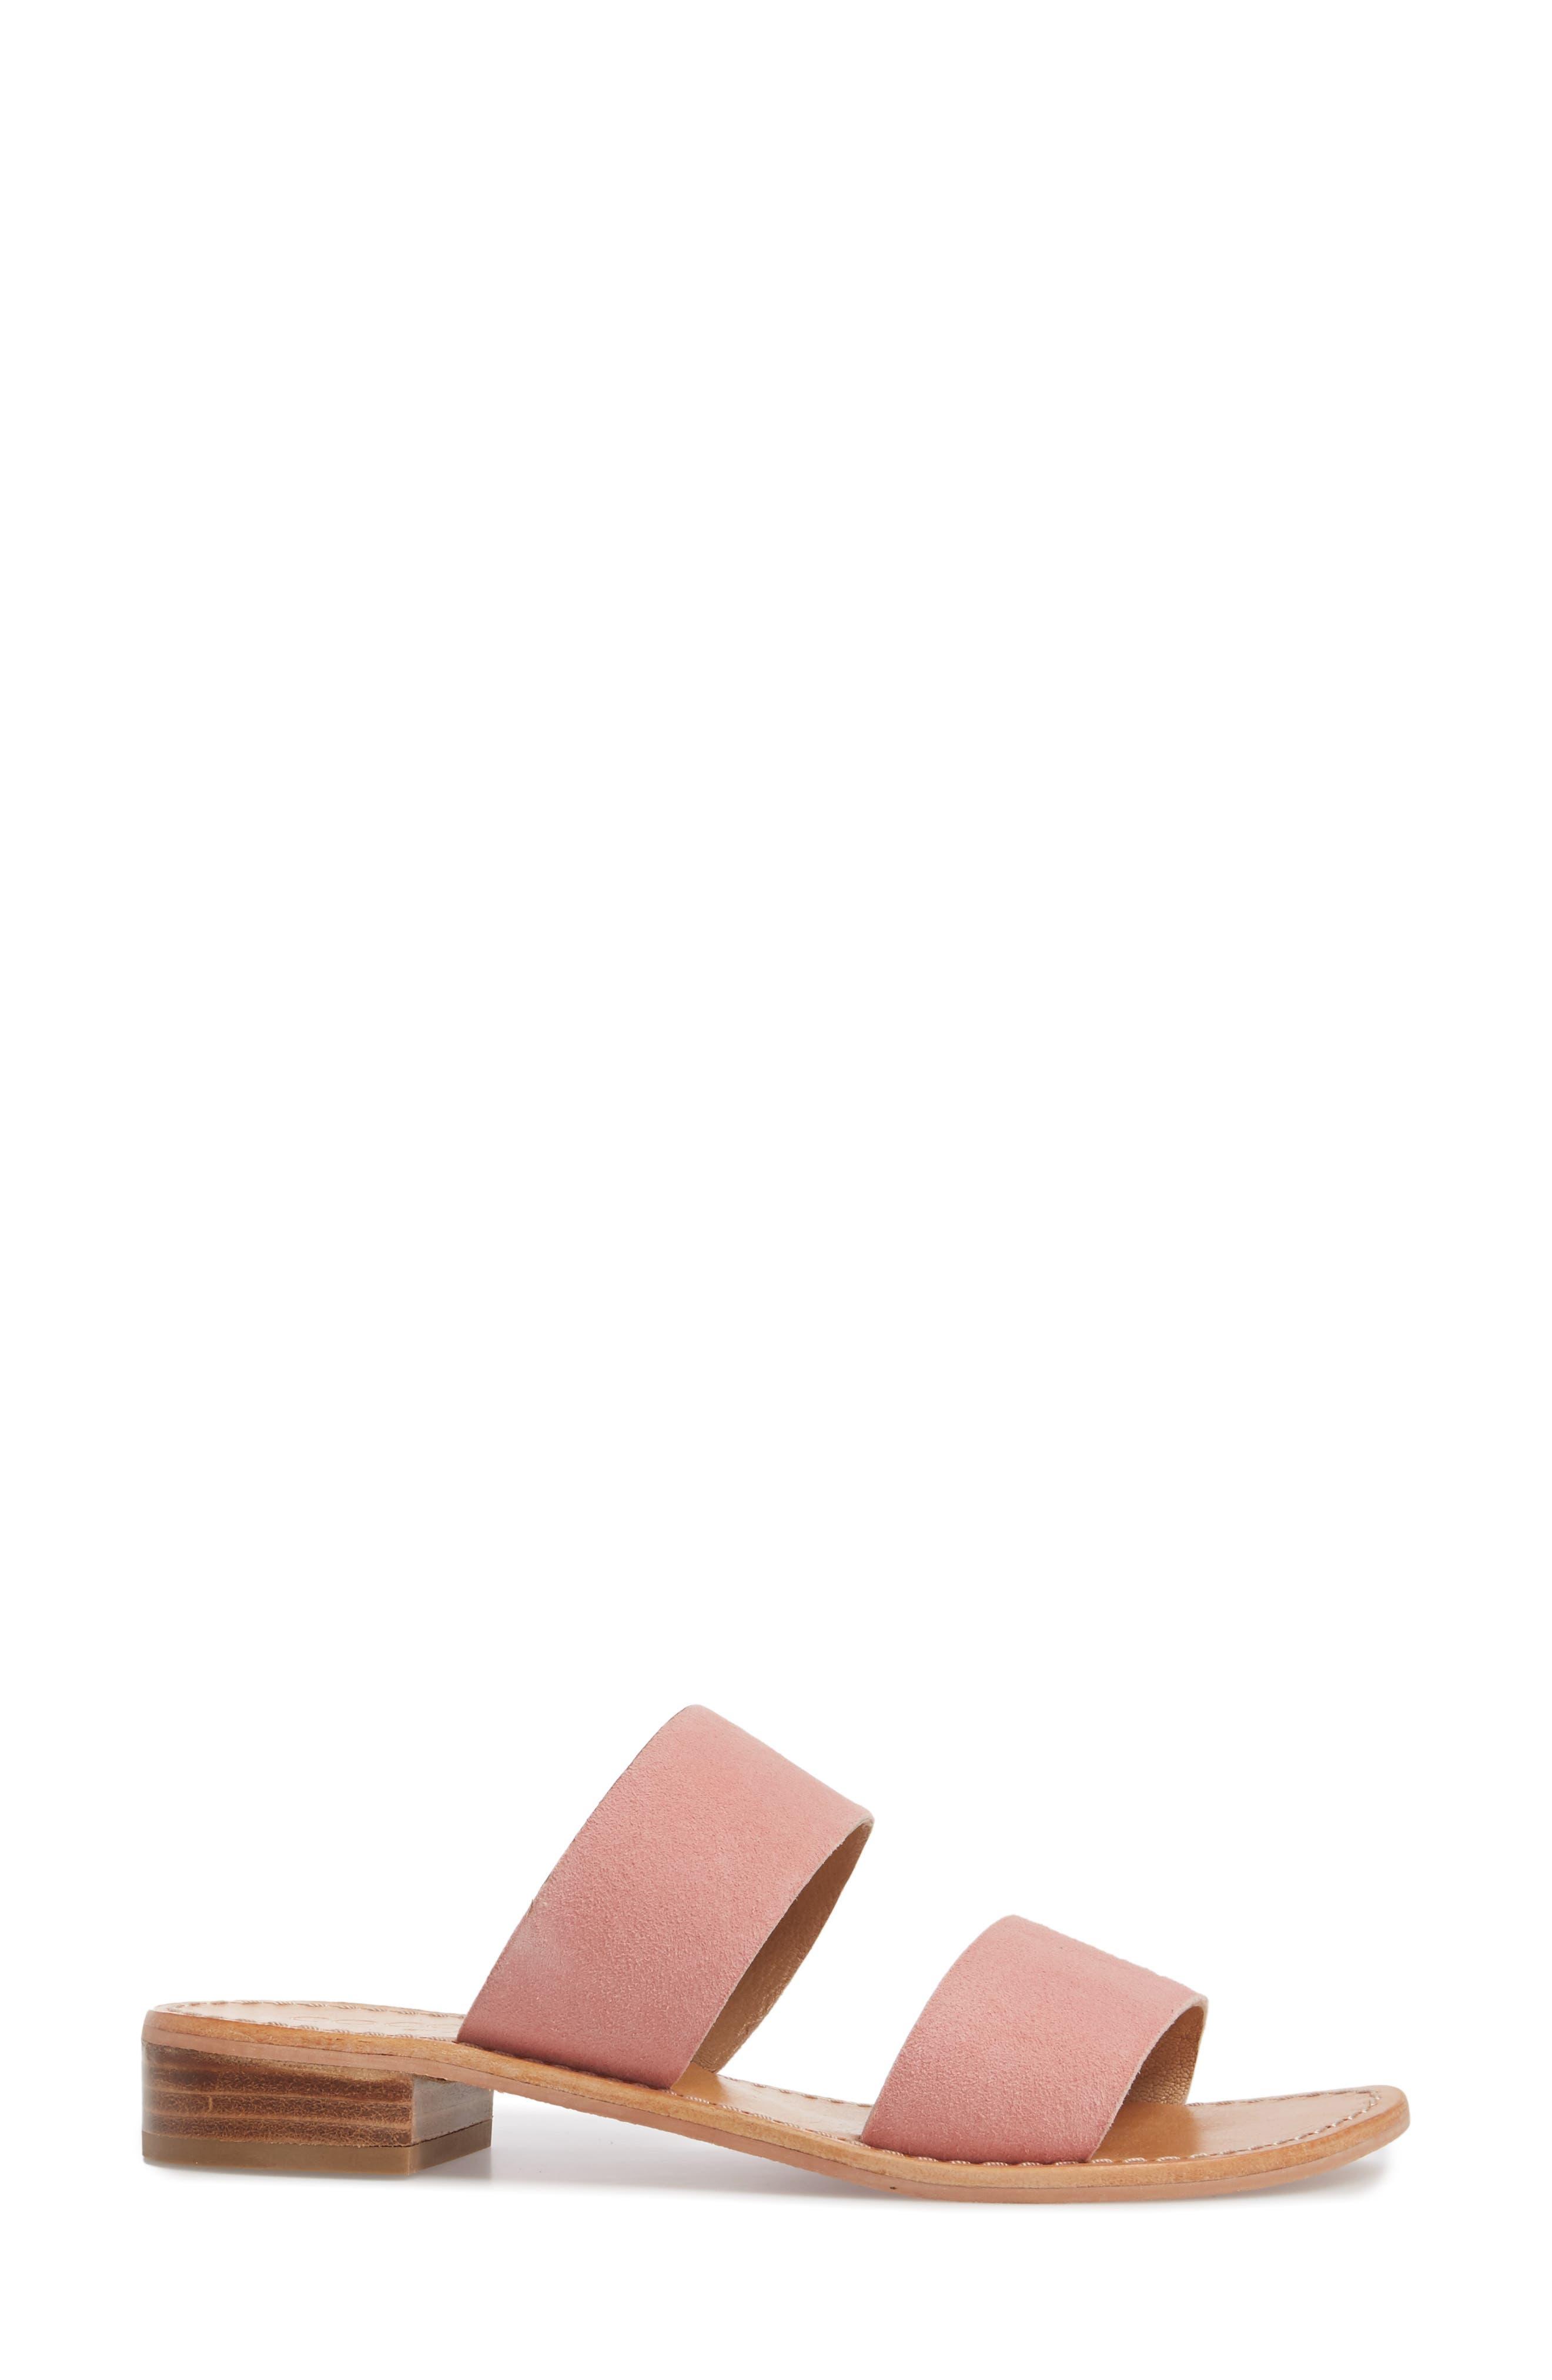 Limelight Slide Sandal,                             Alternate thumbnail 11, color,